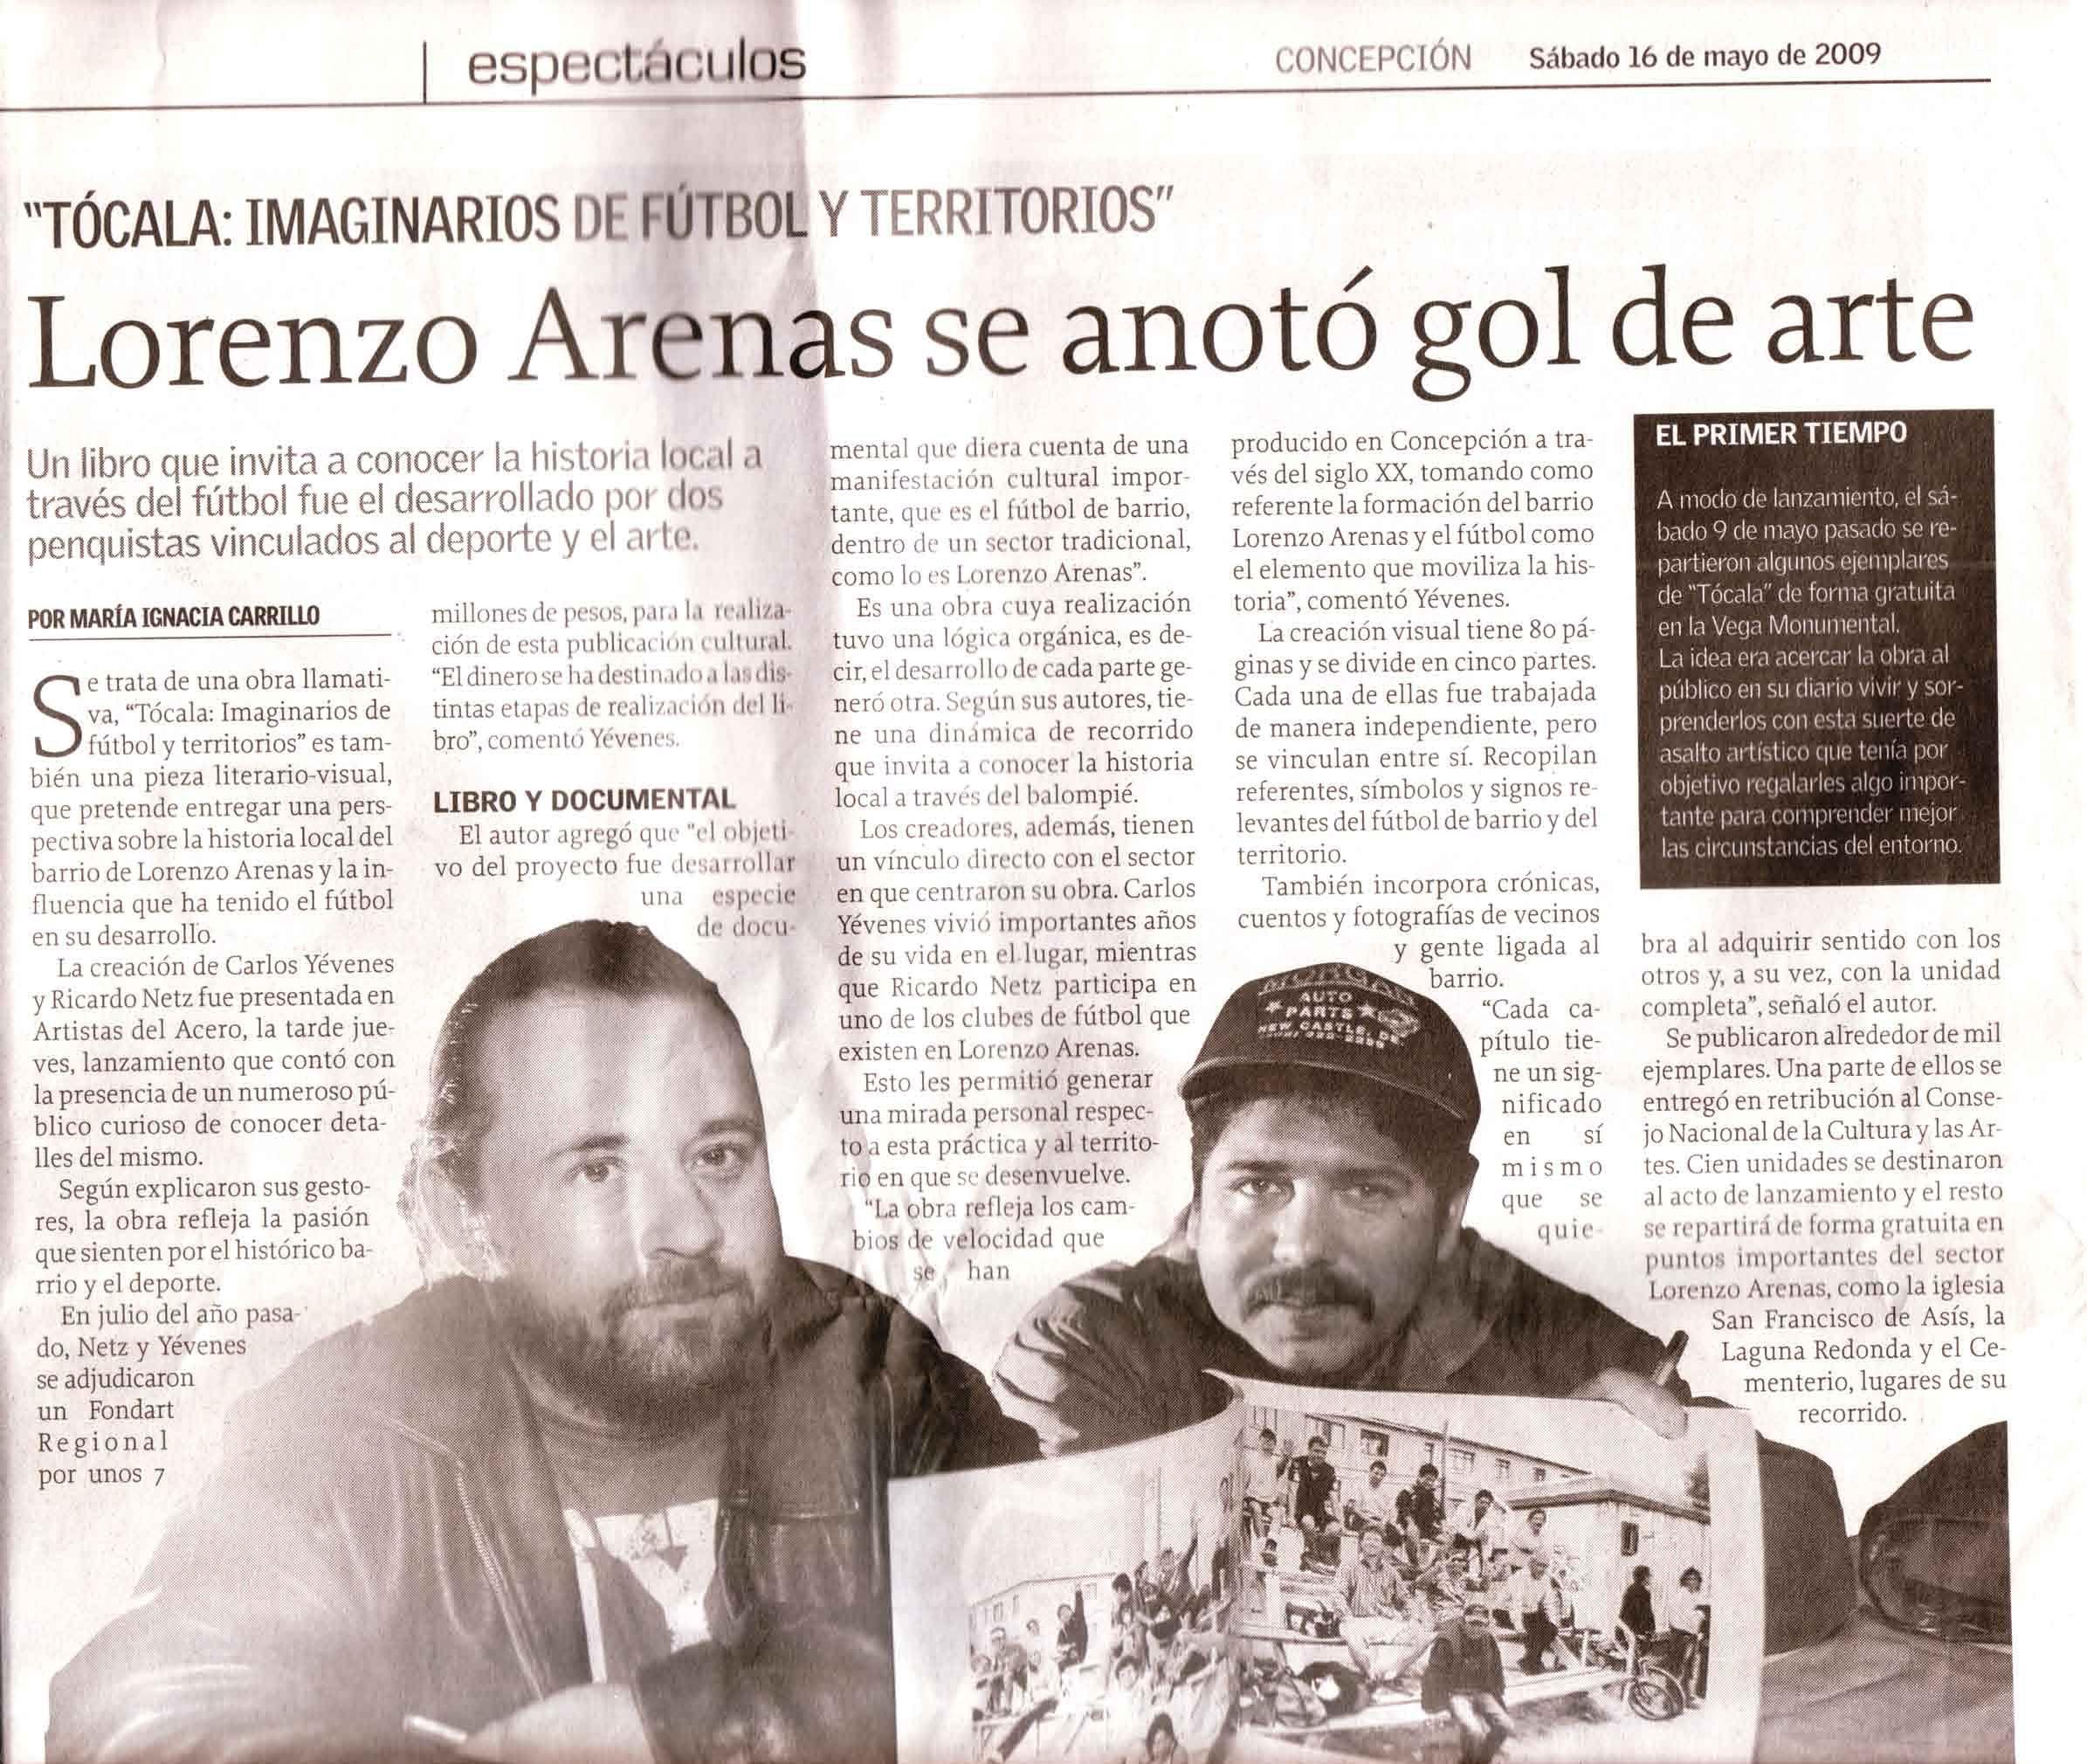 """Ricardo Netz y Carlos Yevenes, autores de TOCALA, IMAGINARIOS DE FUTBOL Y TERRITORIOS, en """"Espectáculos"""" de Diario El Sur de Concepción"""